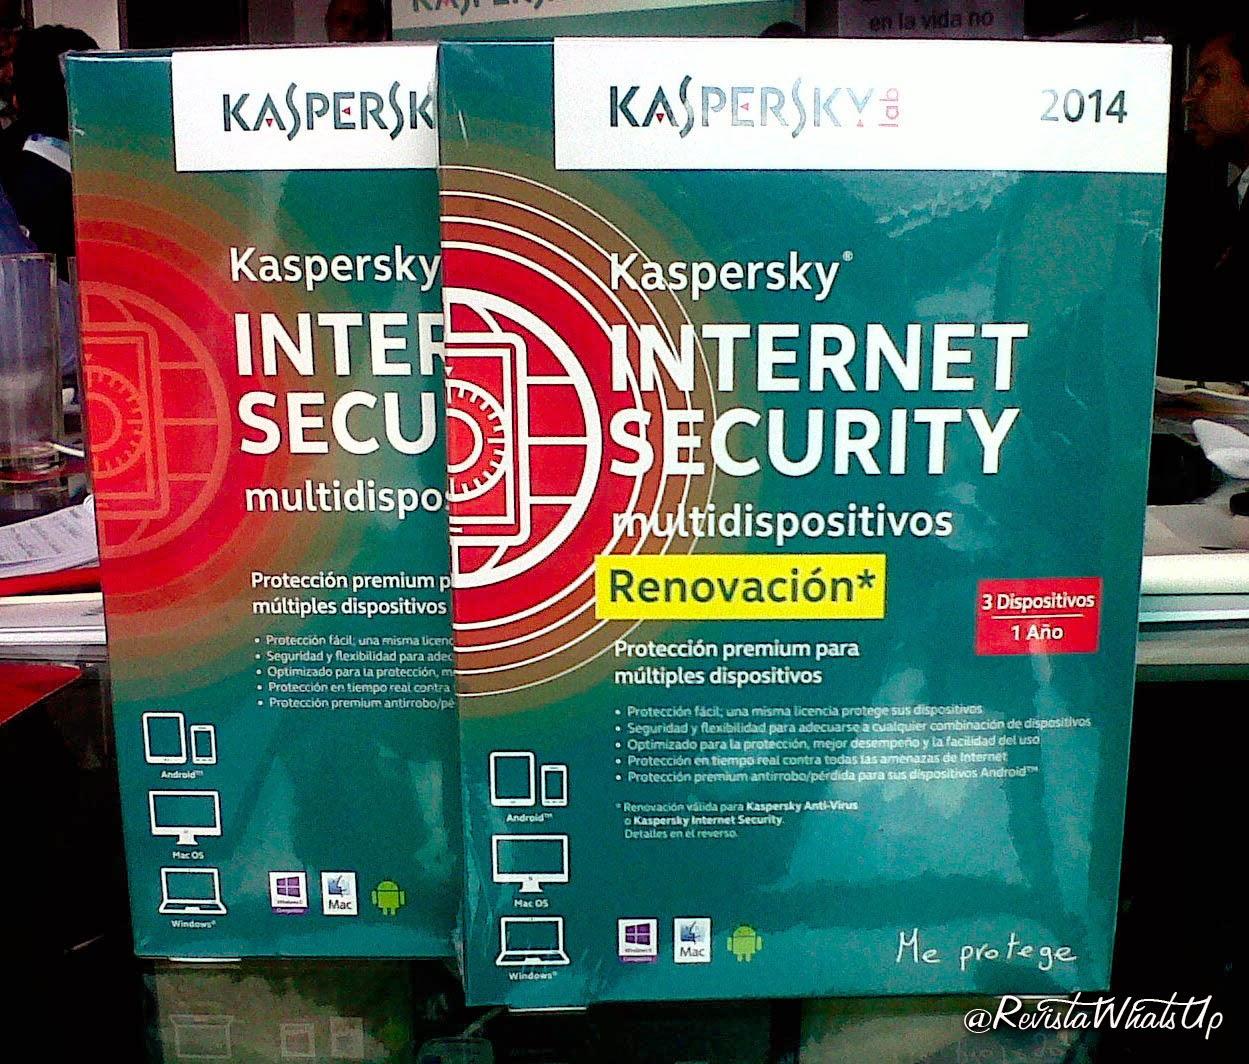 Kaspersky-detectan-nuevos-programas-maliciosos-dispositivos-móviles-2014